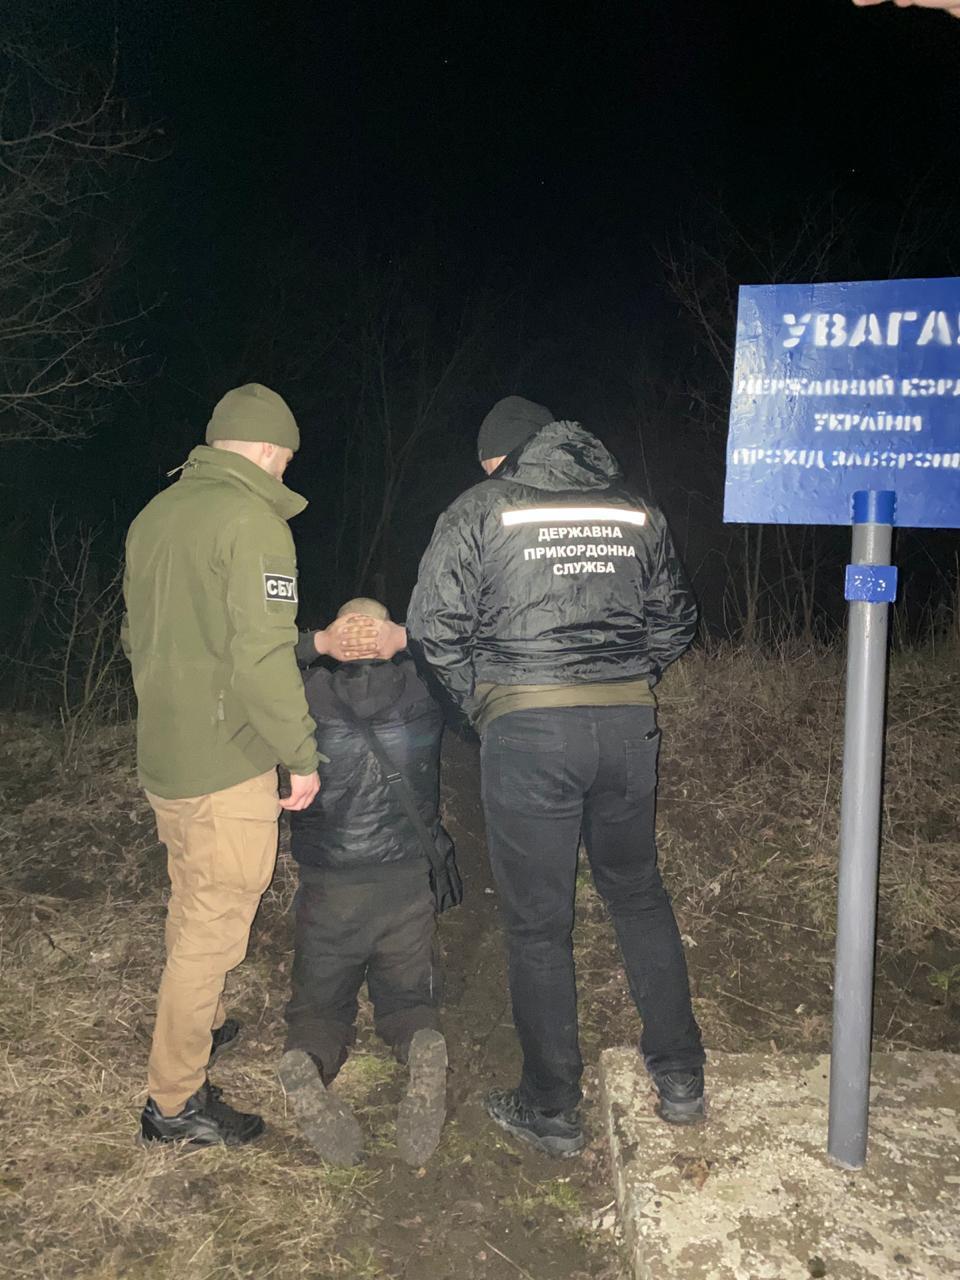 Награнице Молдовы иУкраины задержали мужчину сбоеприпасами инаркотиками (ФОТО)